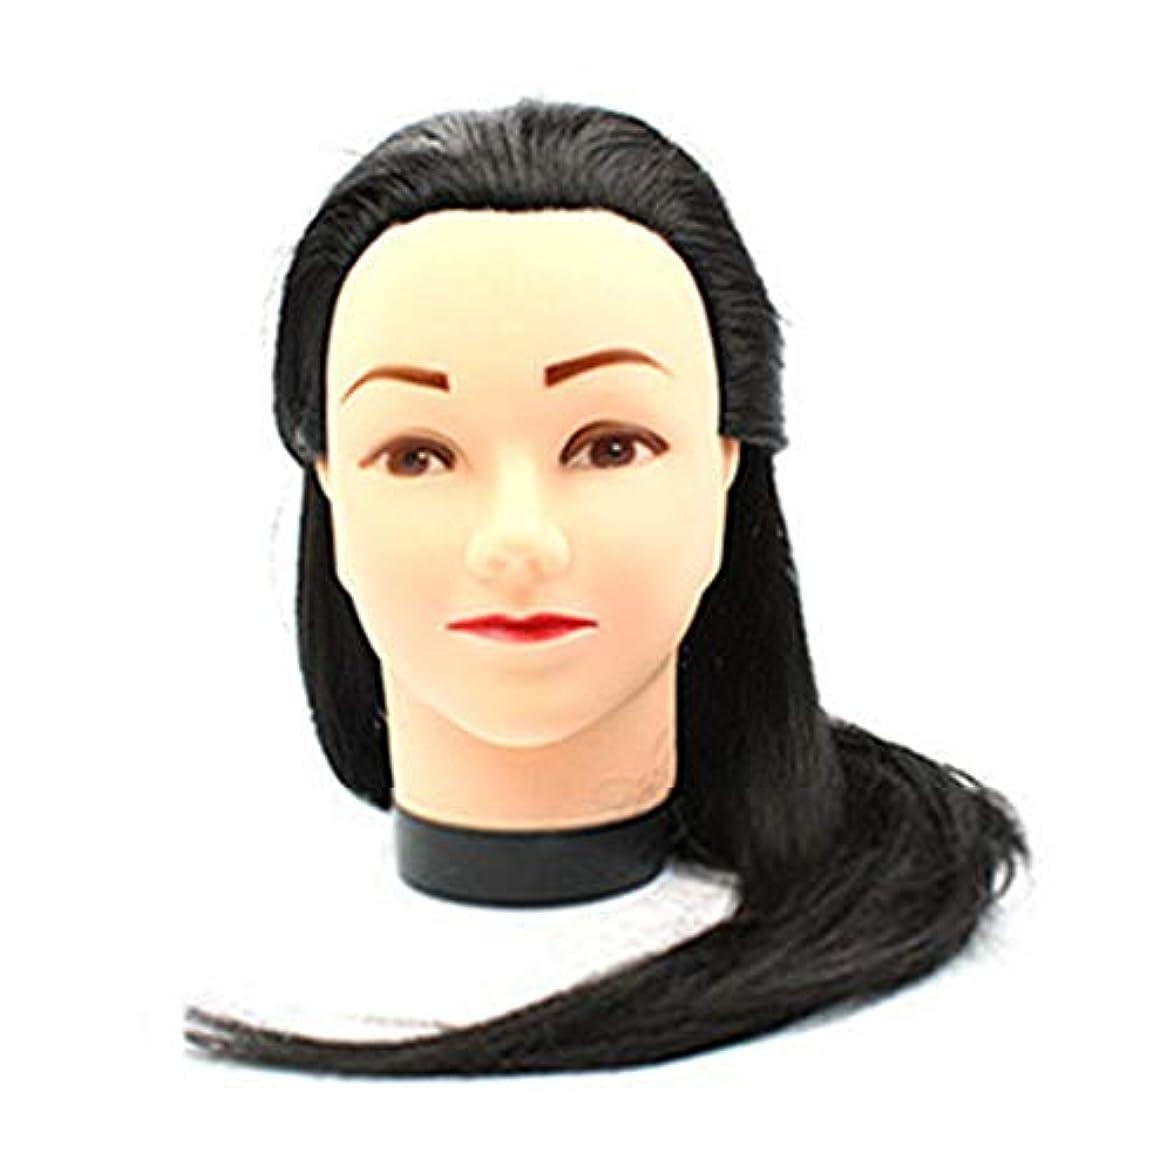 帆脅かすつづり低温繊維かつらヘッドモールドメイクヘアスタイリングヘッドヘアーサロントレーニング学習ヘアカットデュアルユースダミー人間の頭